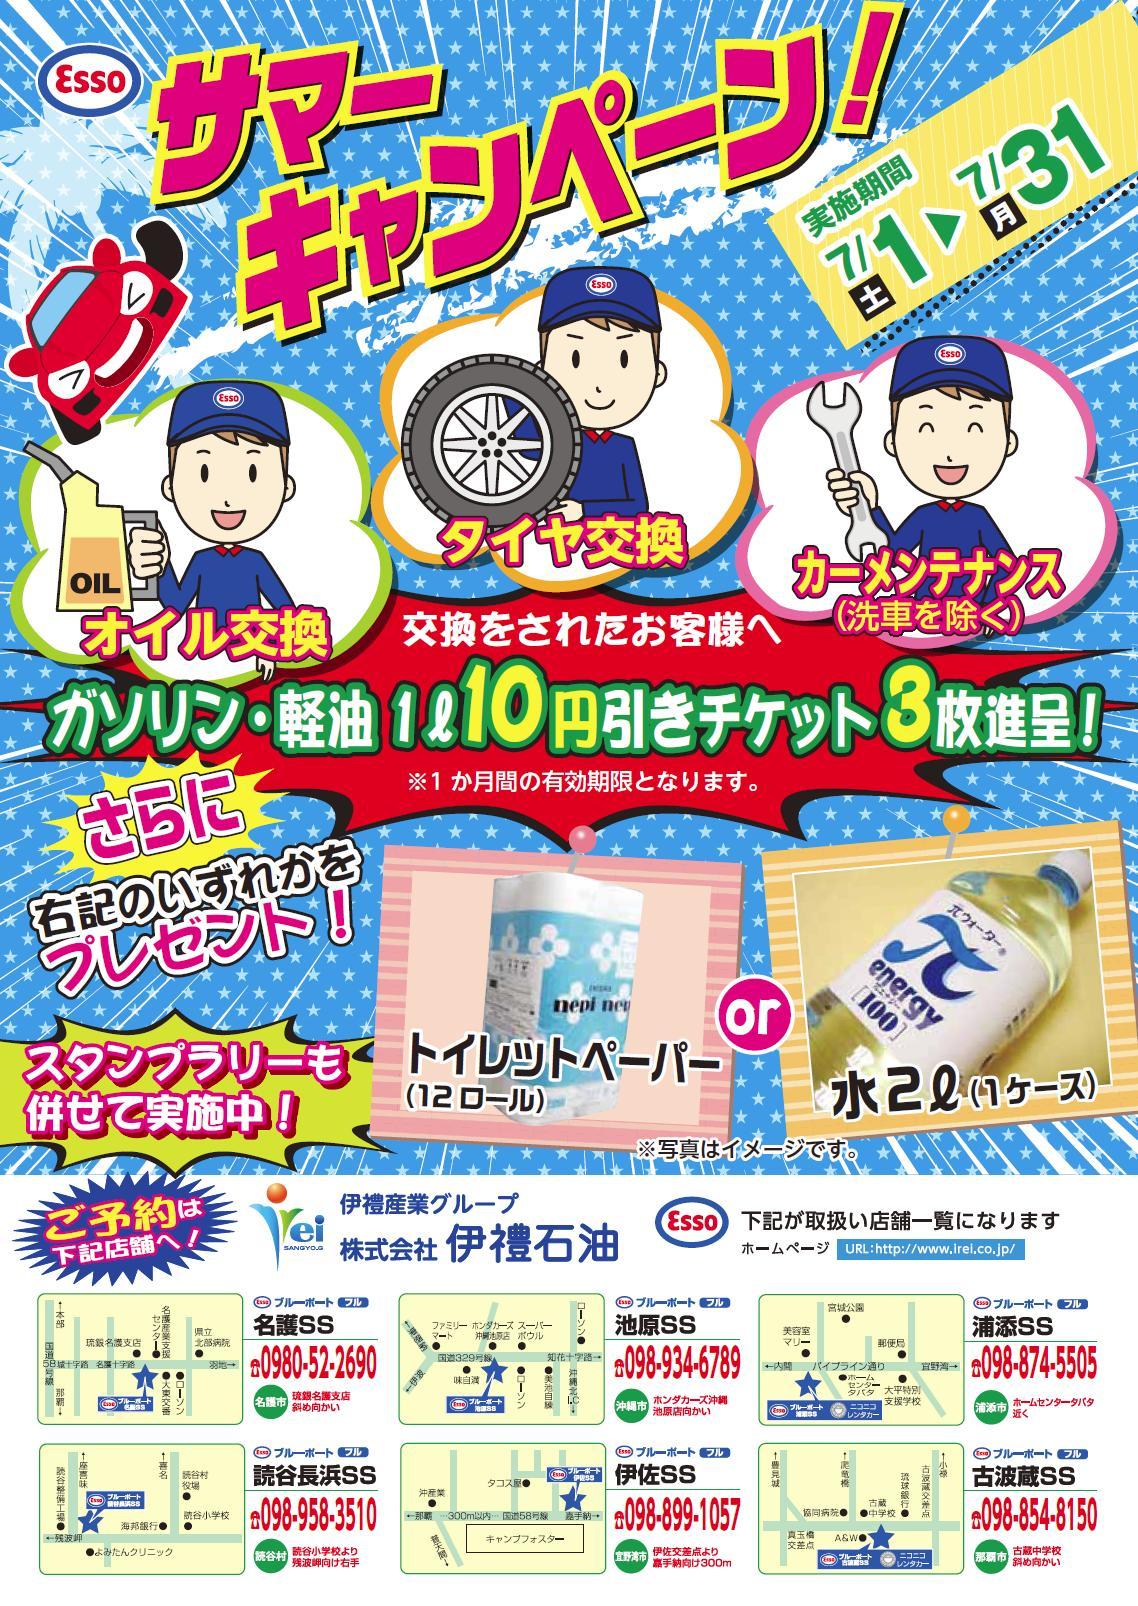 県内12店舗 今年もやりまっせ~~!!